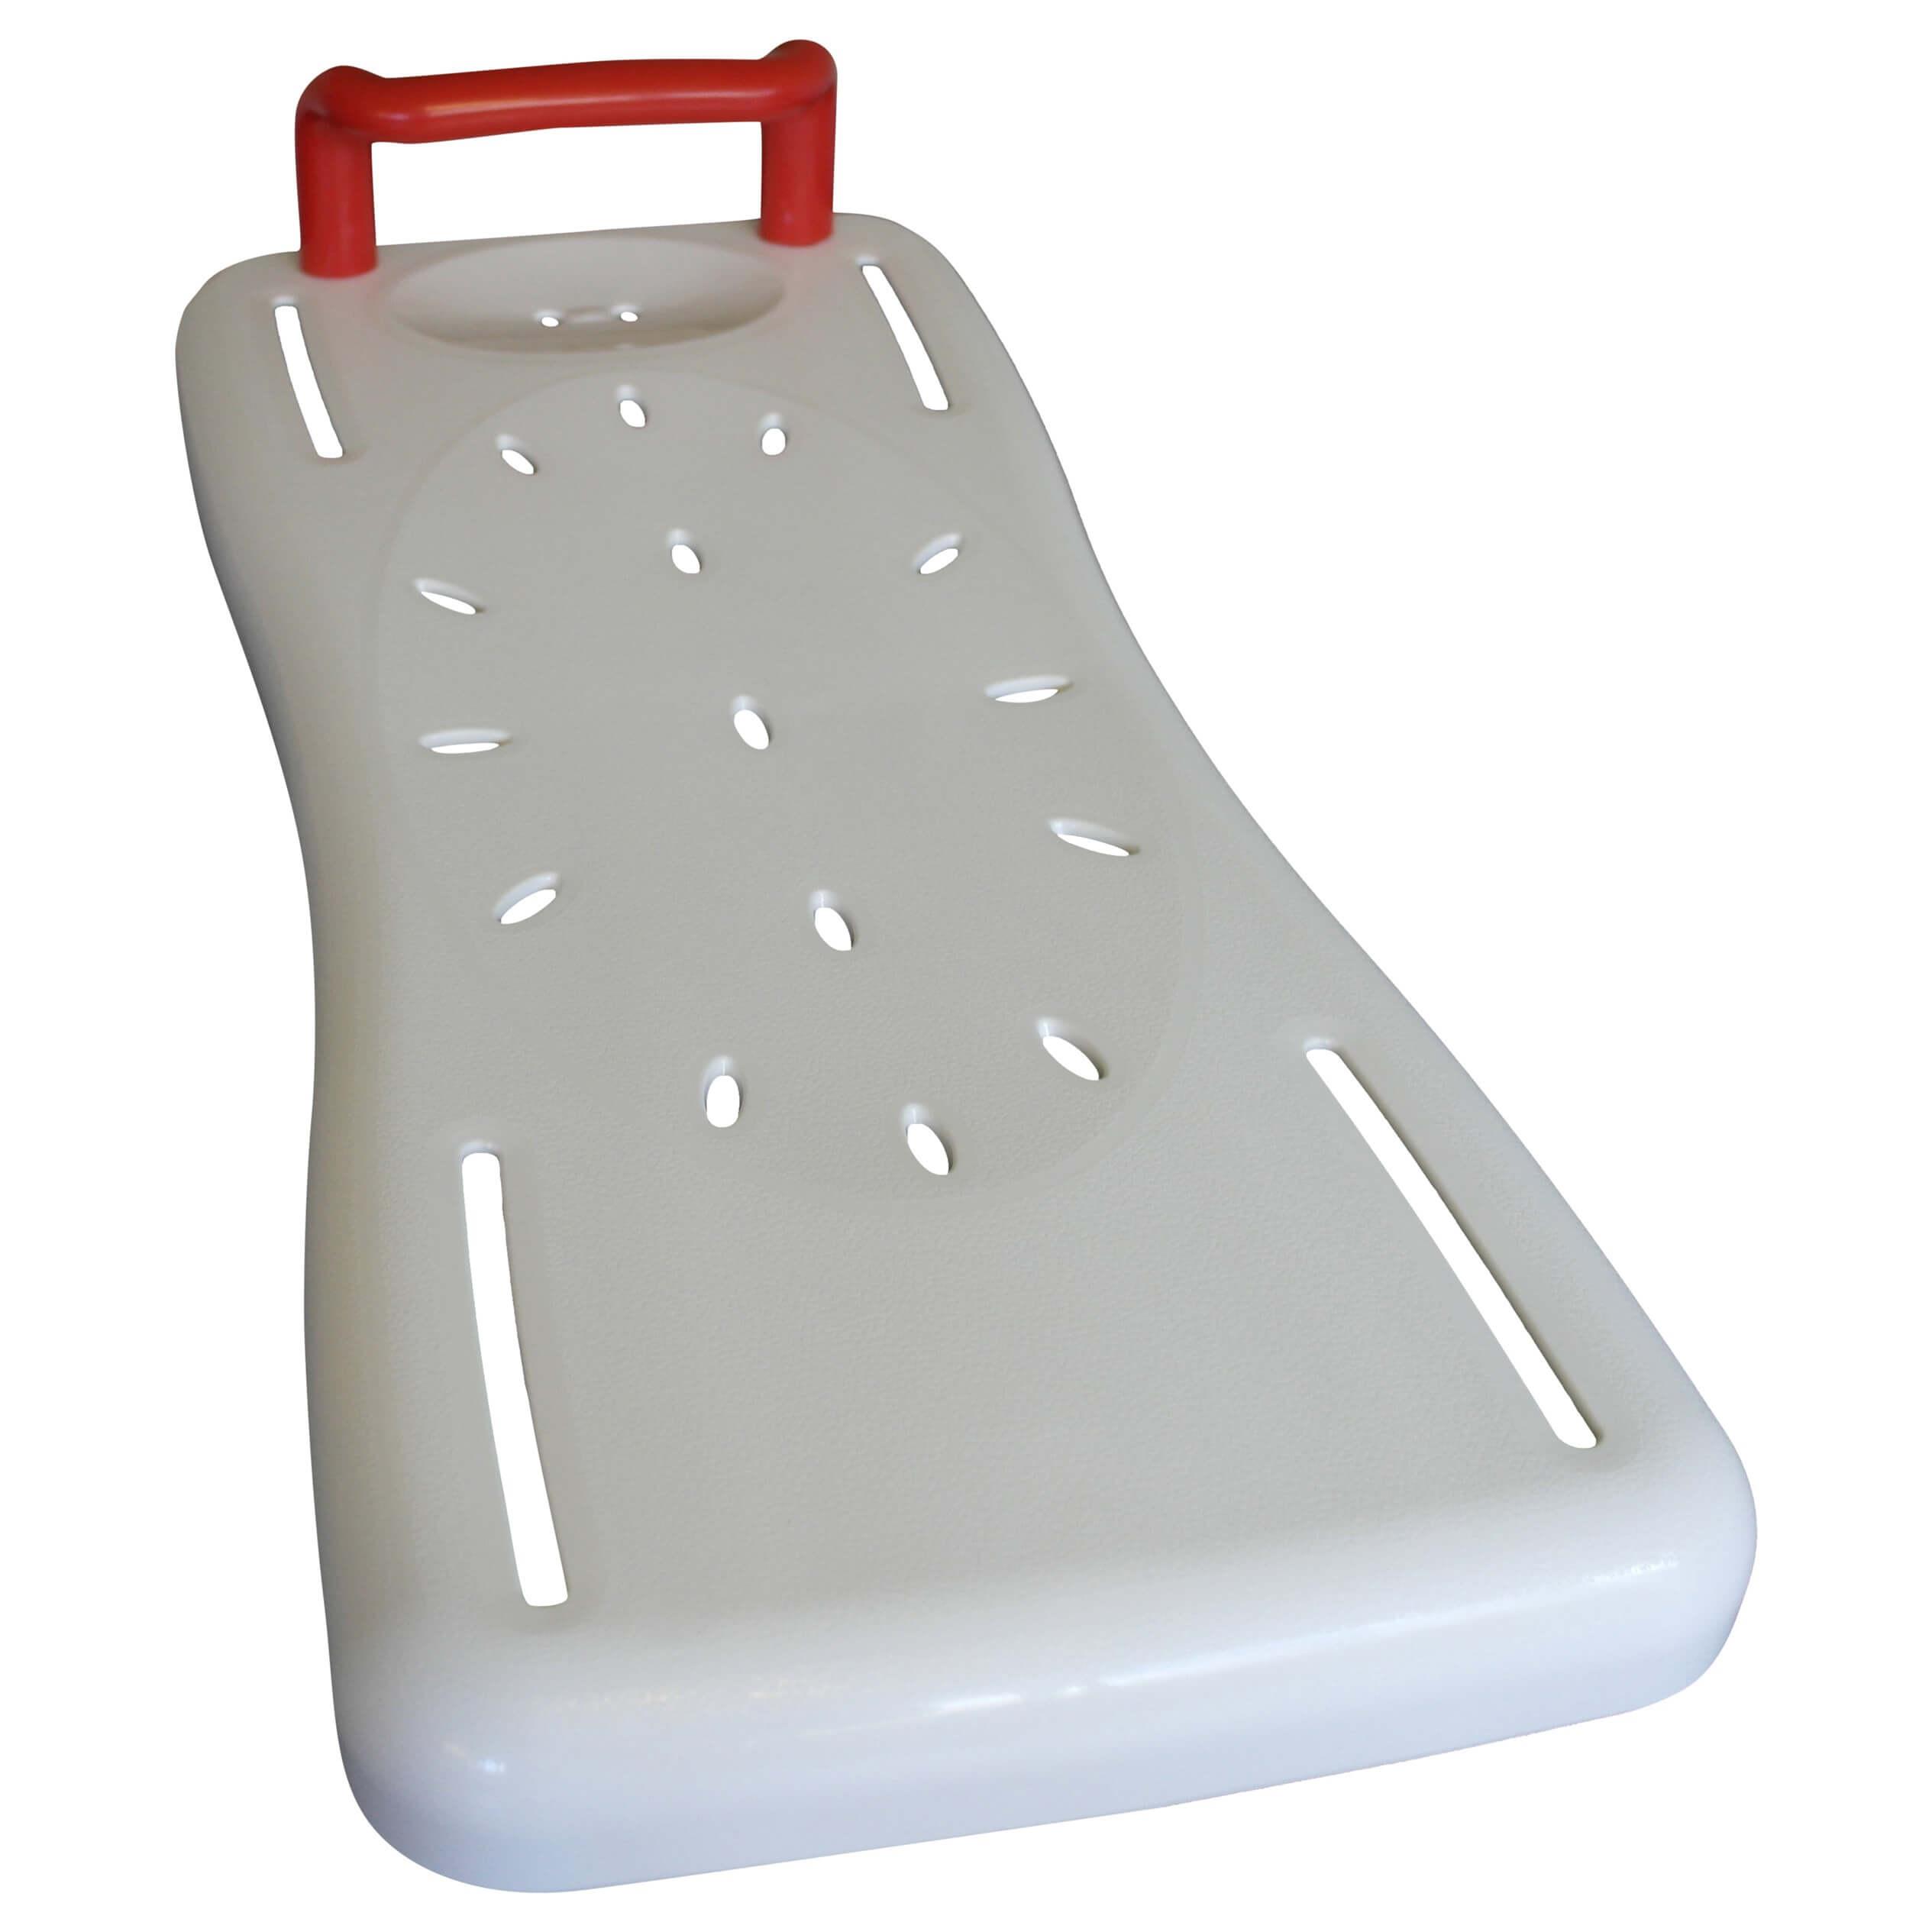 badekar bredde Hjælpemiddelbasen   Badebræt til badekar, kan tilpasses karrets  badekar bredde